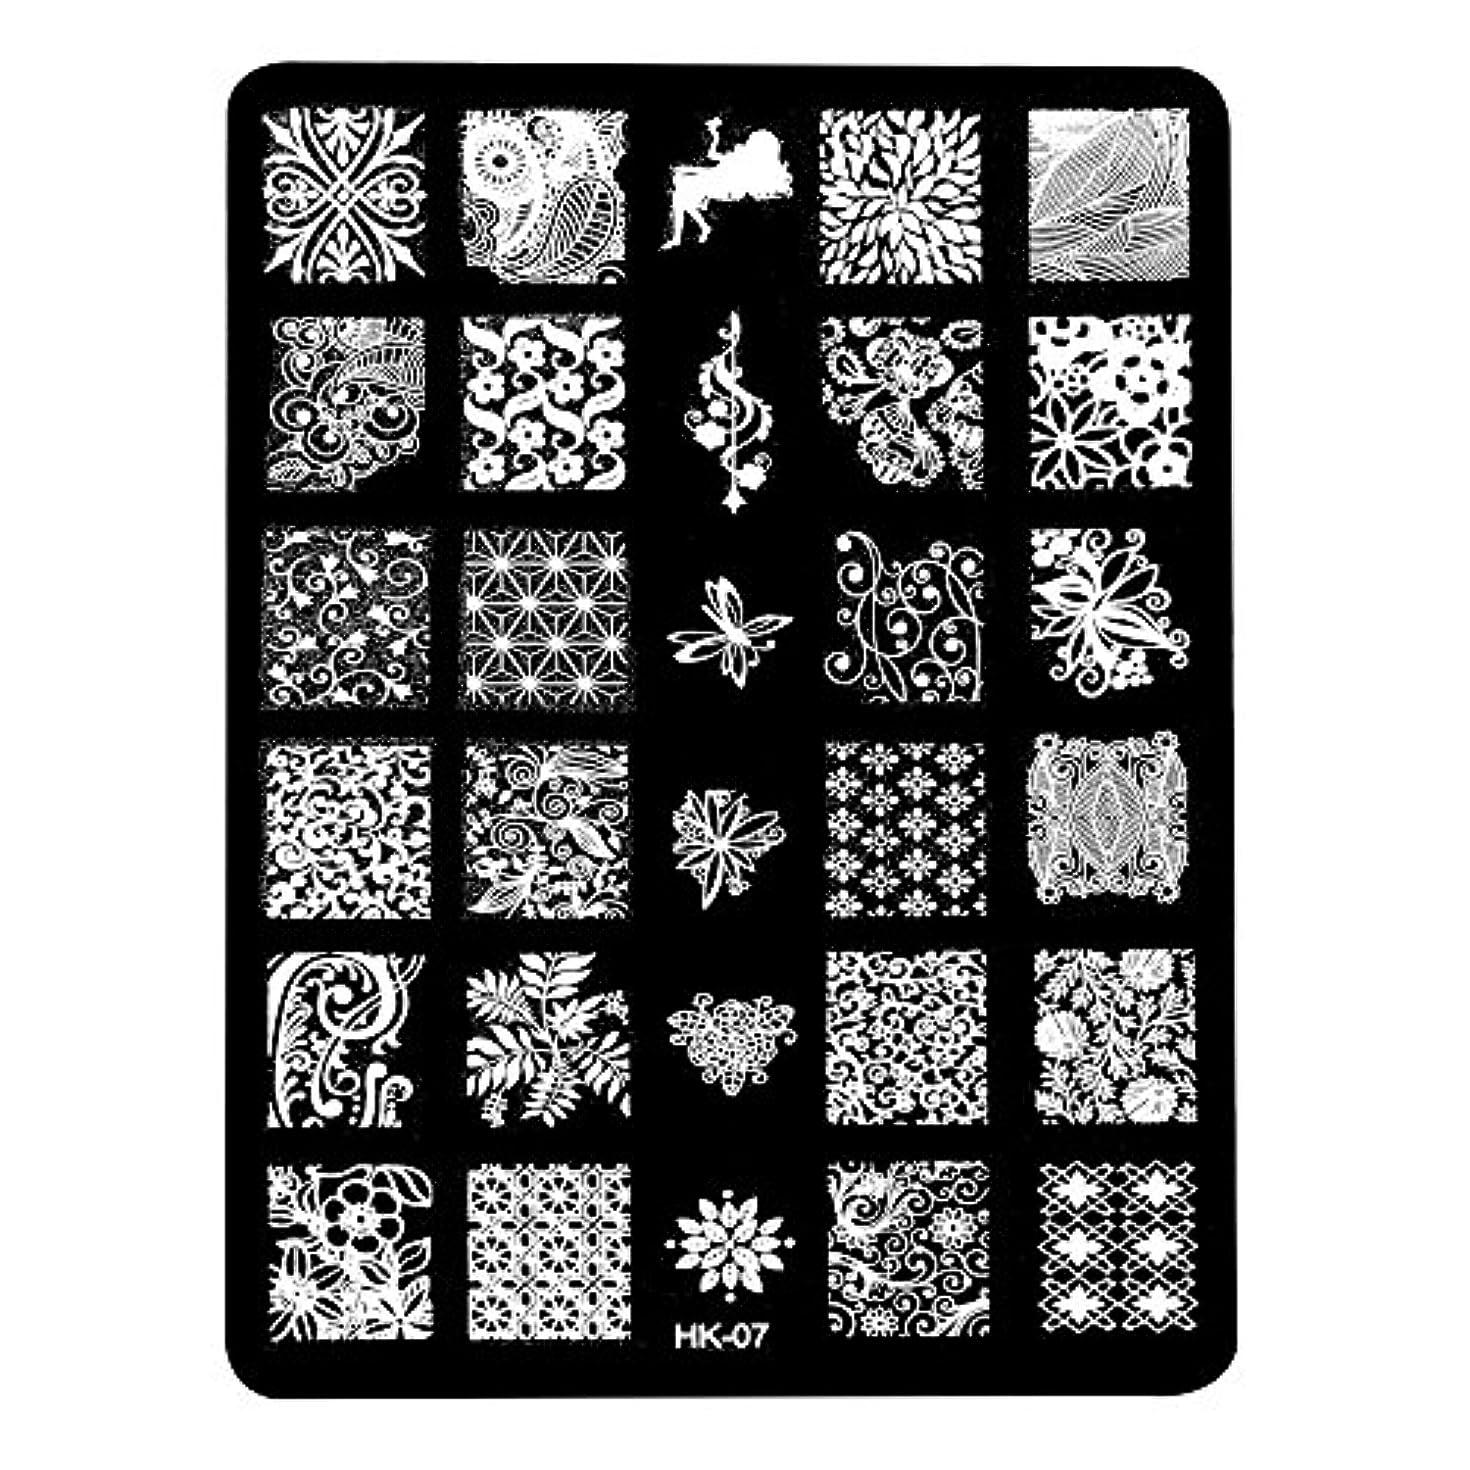 放棄されたスリム宿る[ルテンズ] スタンピングプレートセット 花柄 ネイルプレート ネイルアートツール ネイルプレート ネイルスタンパー ネイルスタンプ スタンプネイル ネイルデザイン用品